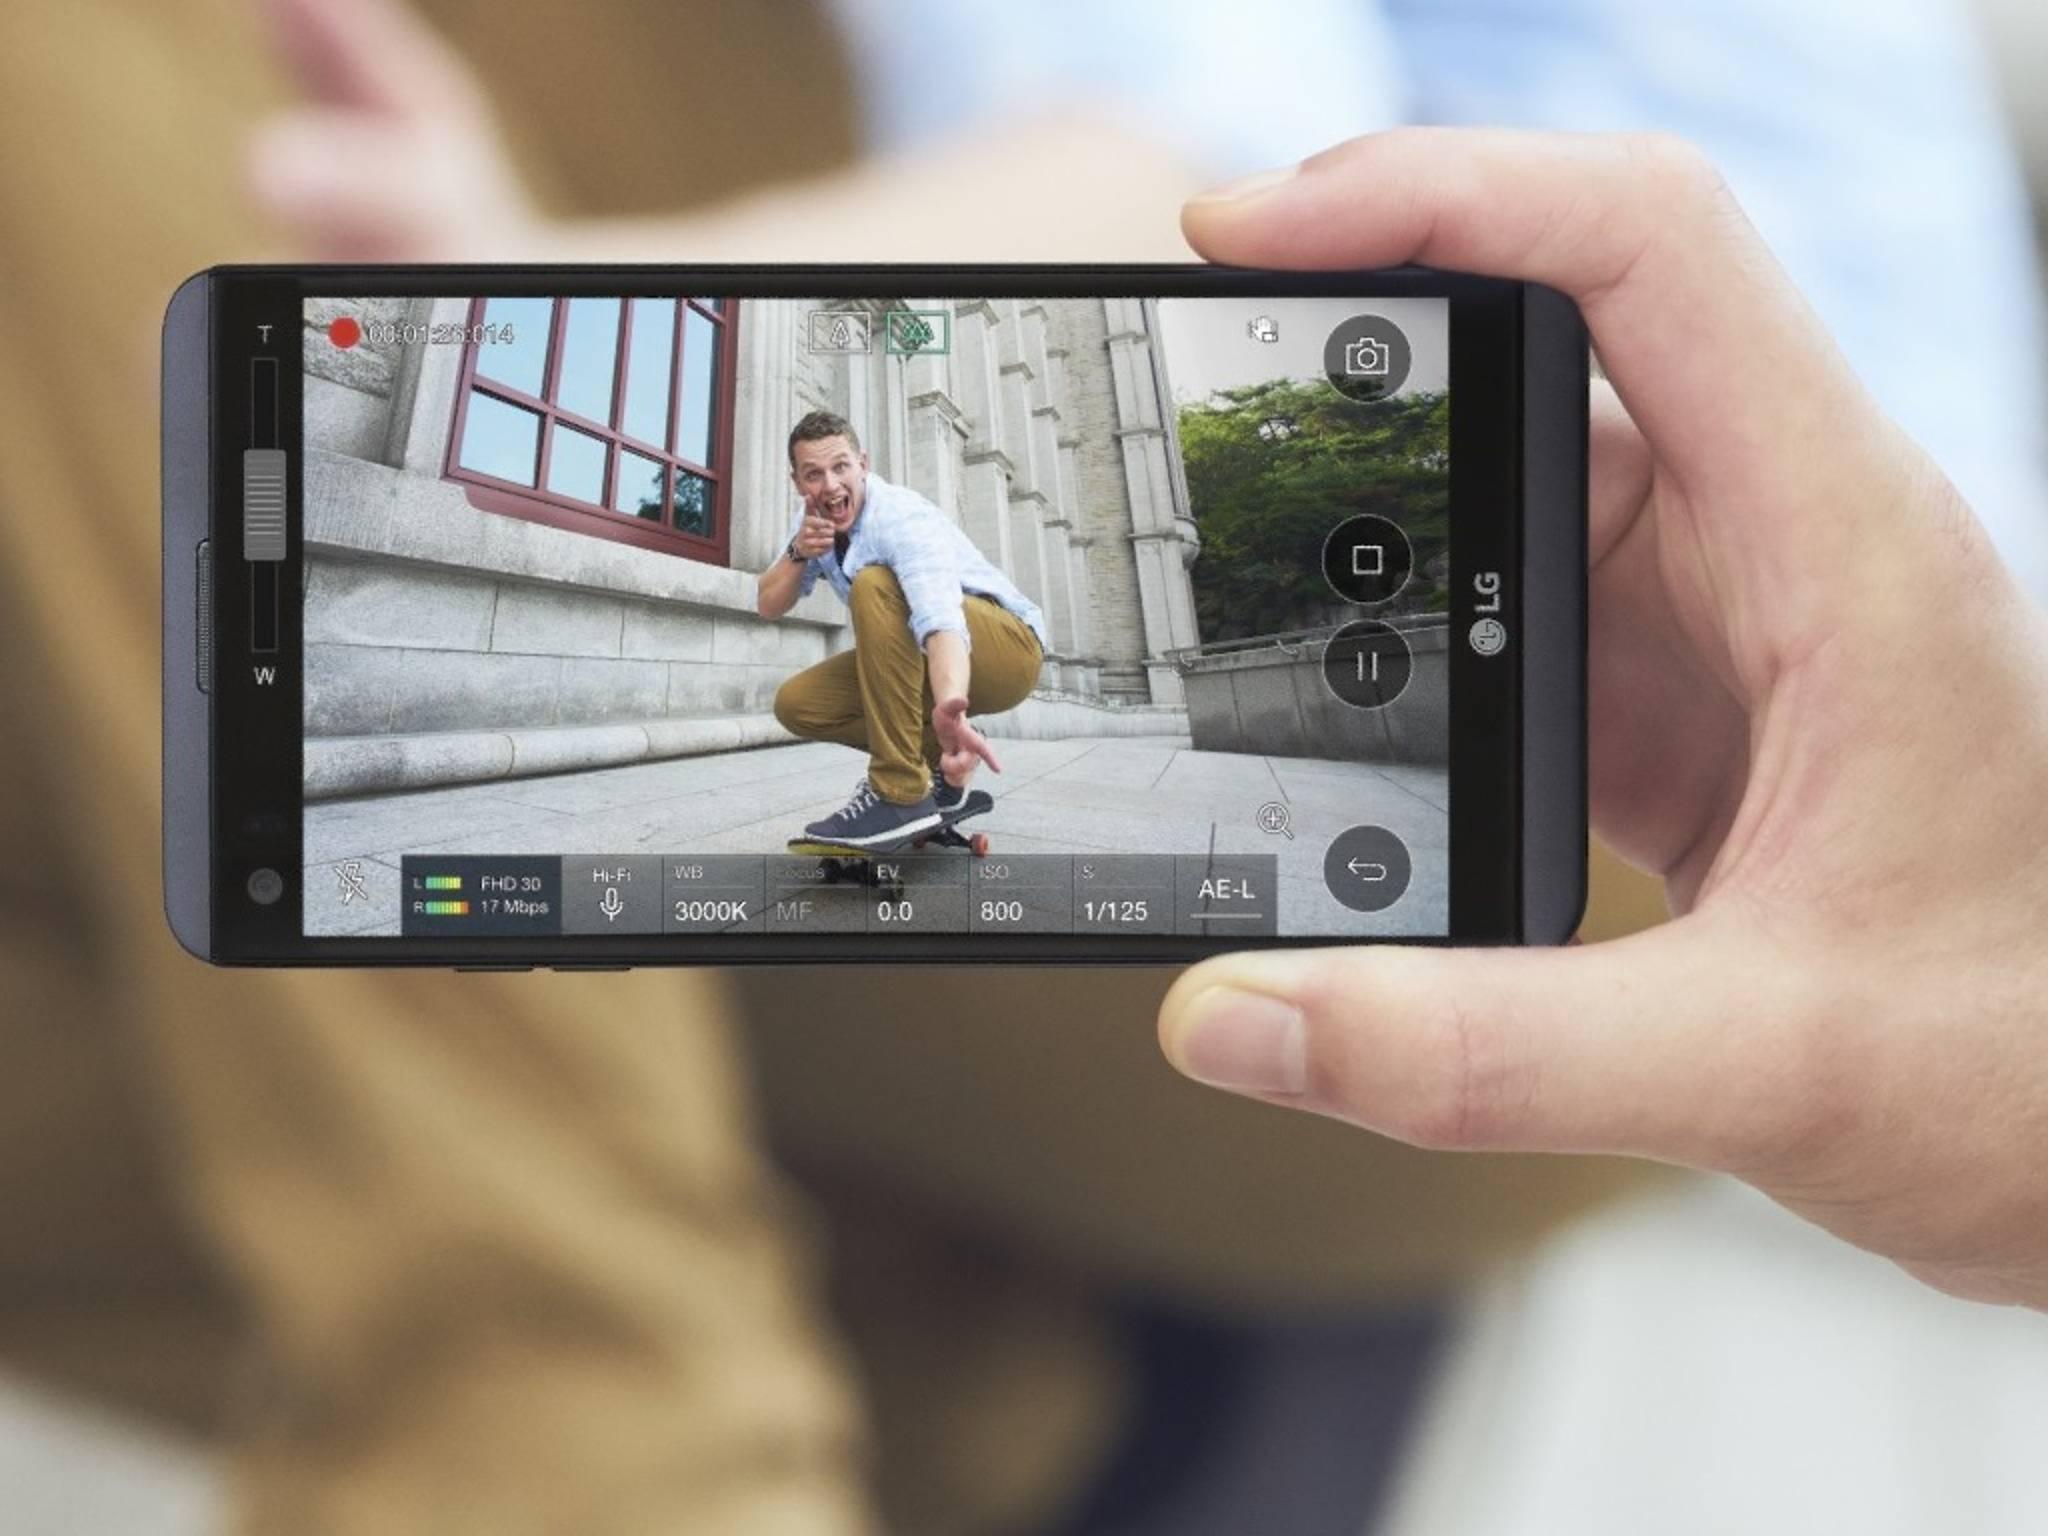 Das LG V20 ermöglicht Weitwinkelaufnahmen mit HD-Audioaufzeichnung.